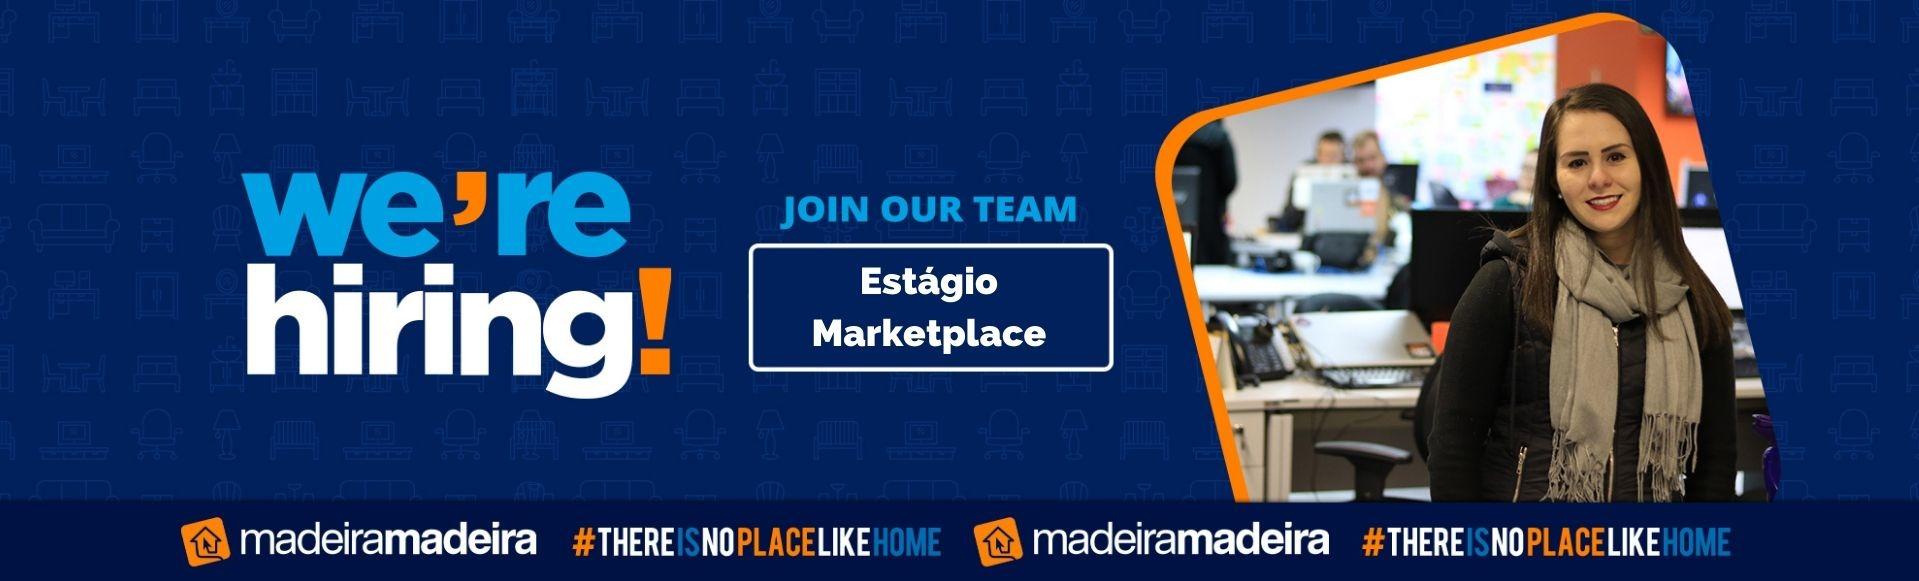 Estágio Marketplace